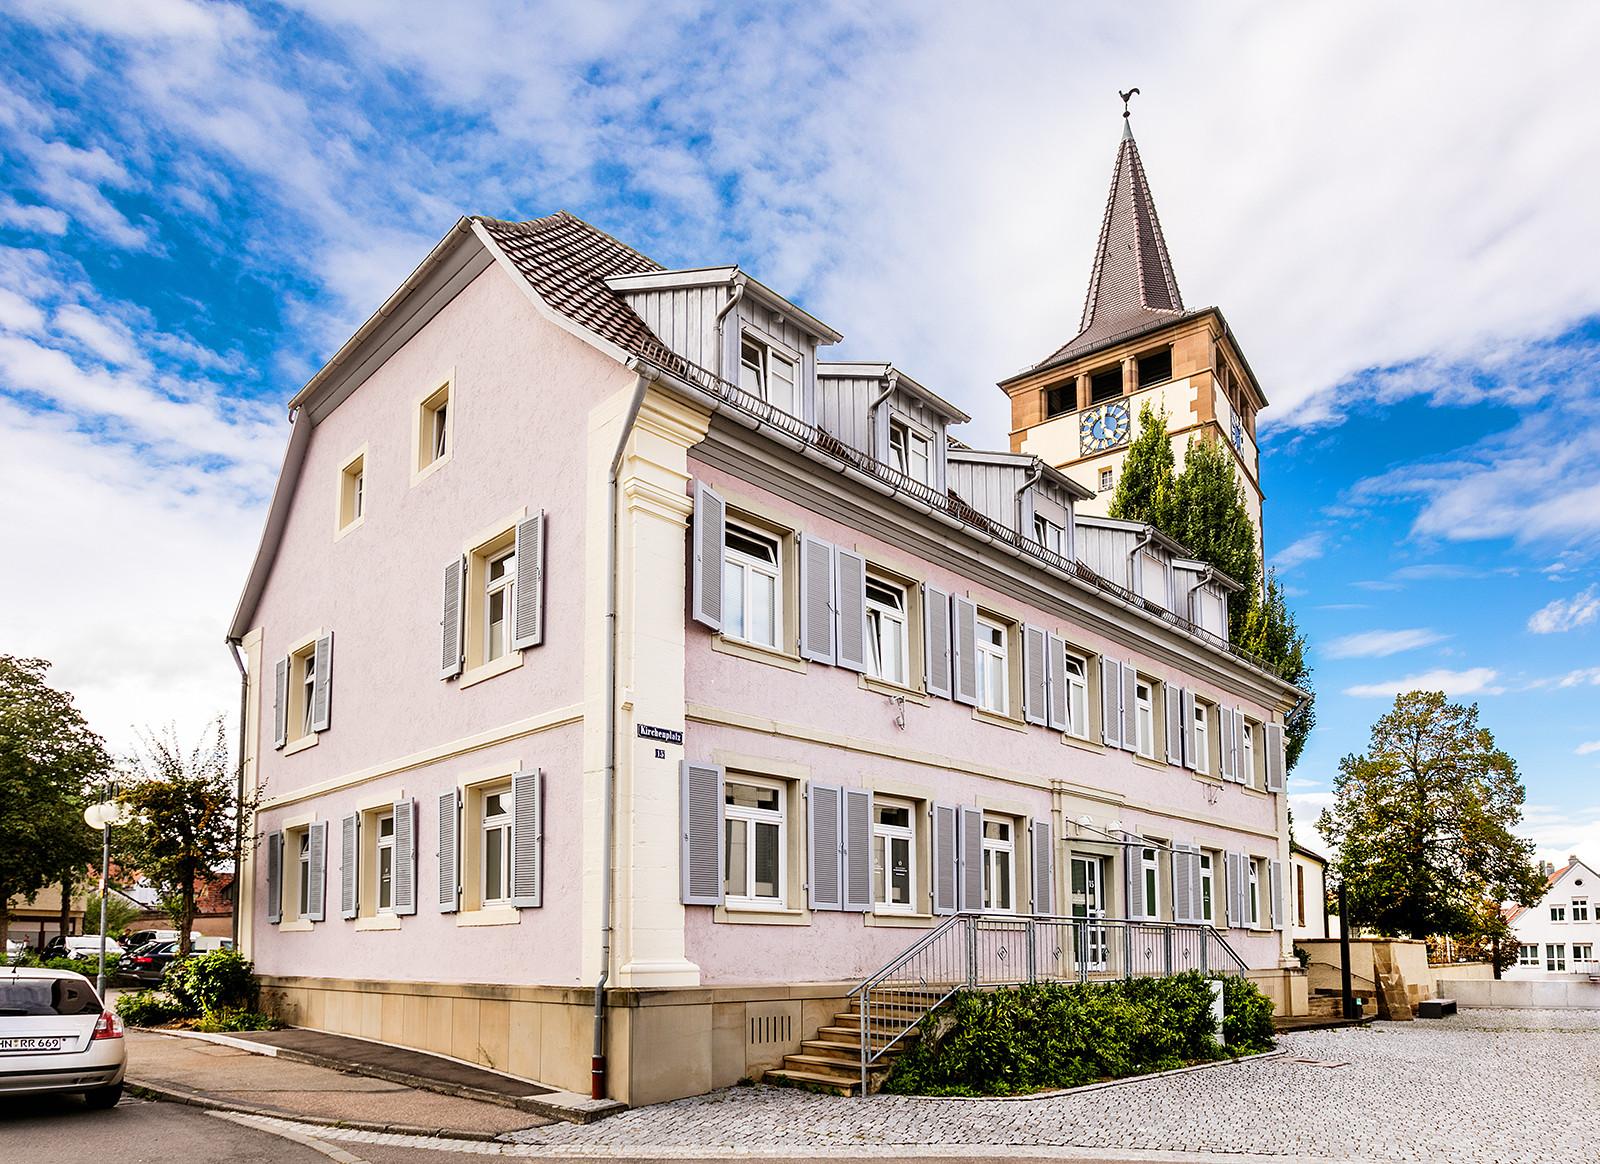 Der Odenheimer Hof – Die Zahnärzte im Odenheimer Hof – Leingarten (Heilbronn) - Dr. Alexander Mitsch M.Sc. & Dr. Jan Felix Hartl M.Sc.